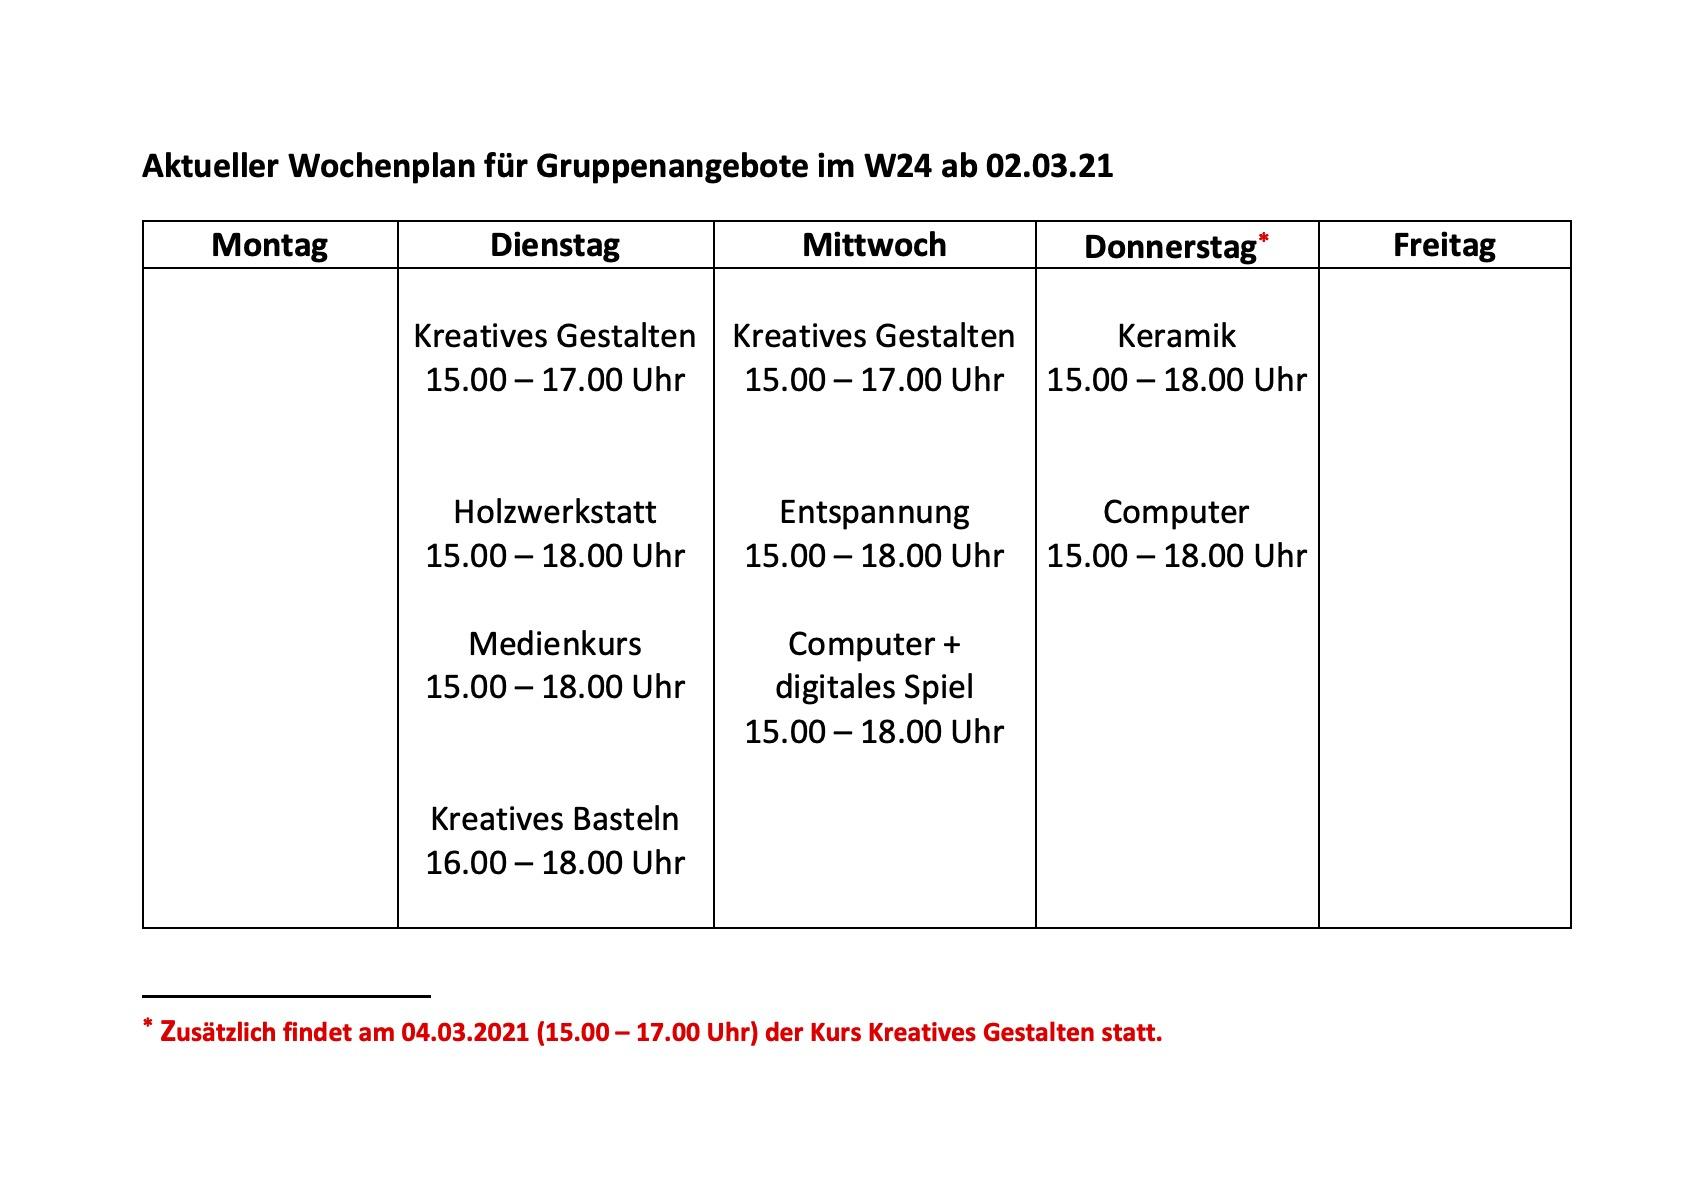 Aktueller Wochenplan für Gruppenangebote im W24